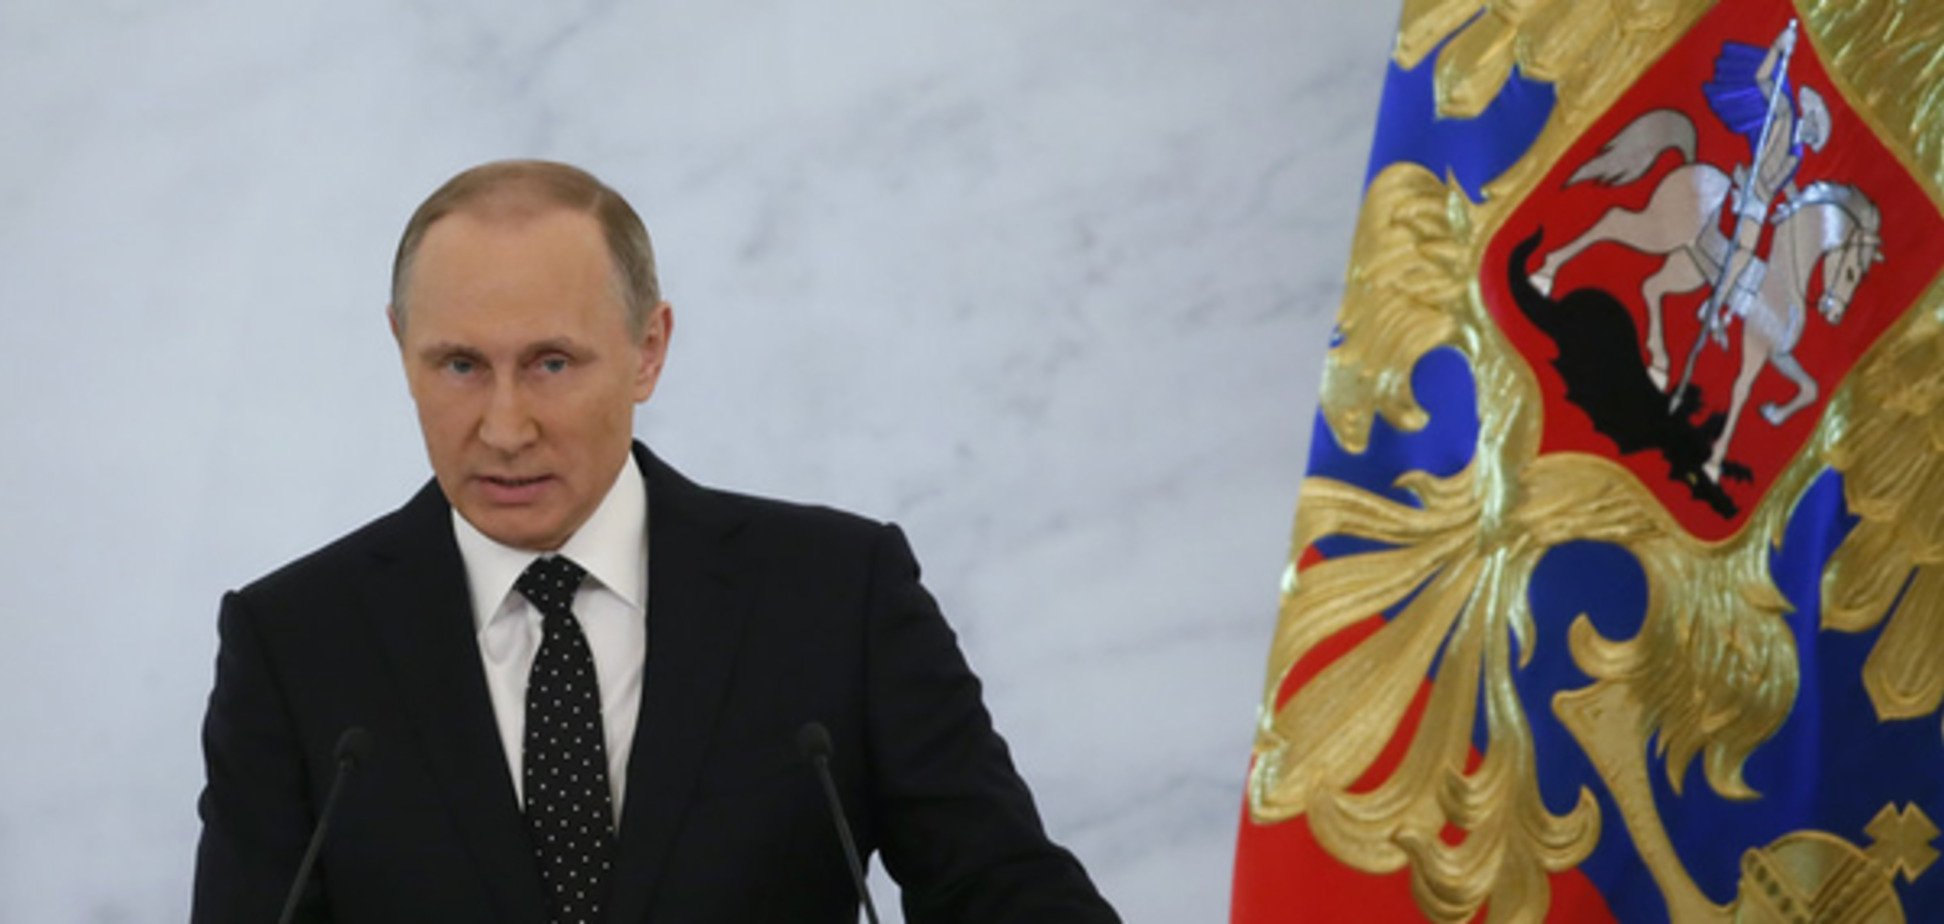 Інтереси Росії: Путін подякував військовим за вбивства сирійців